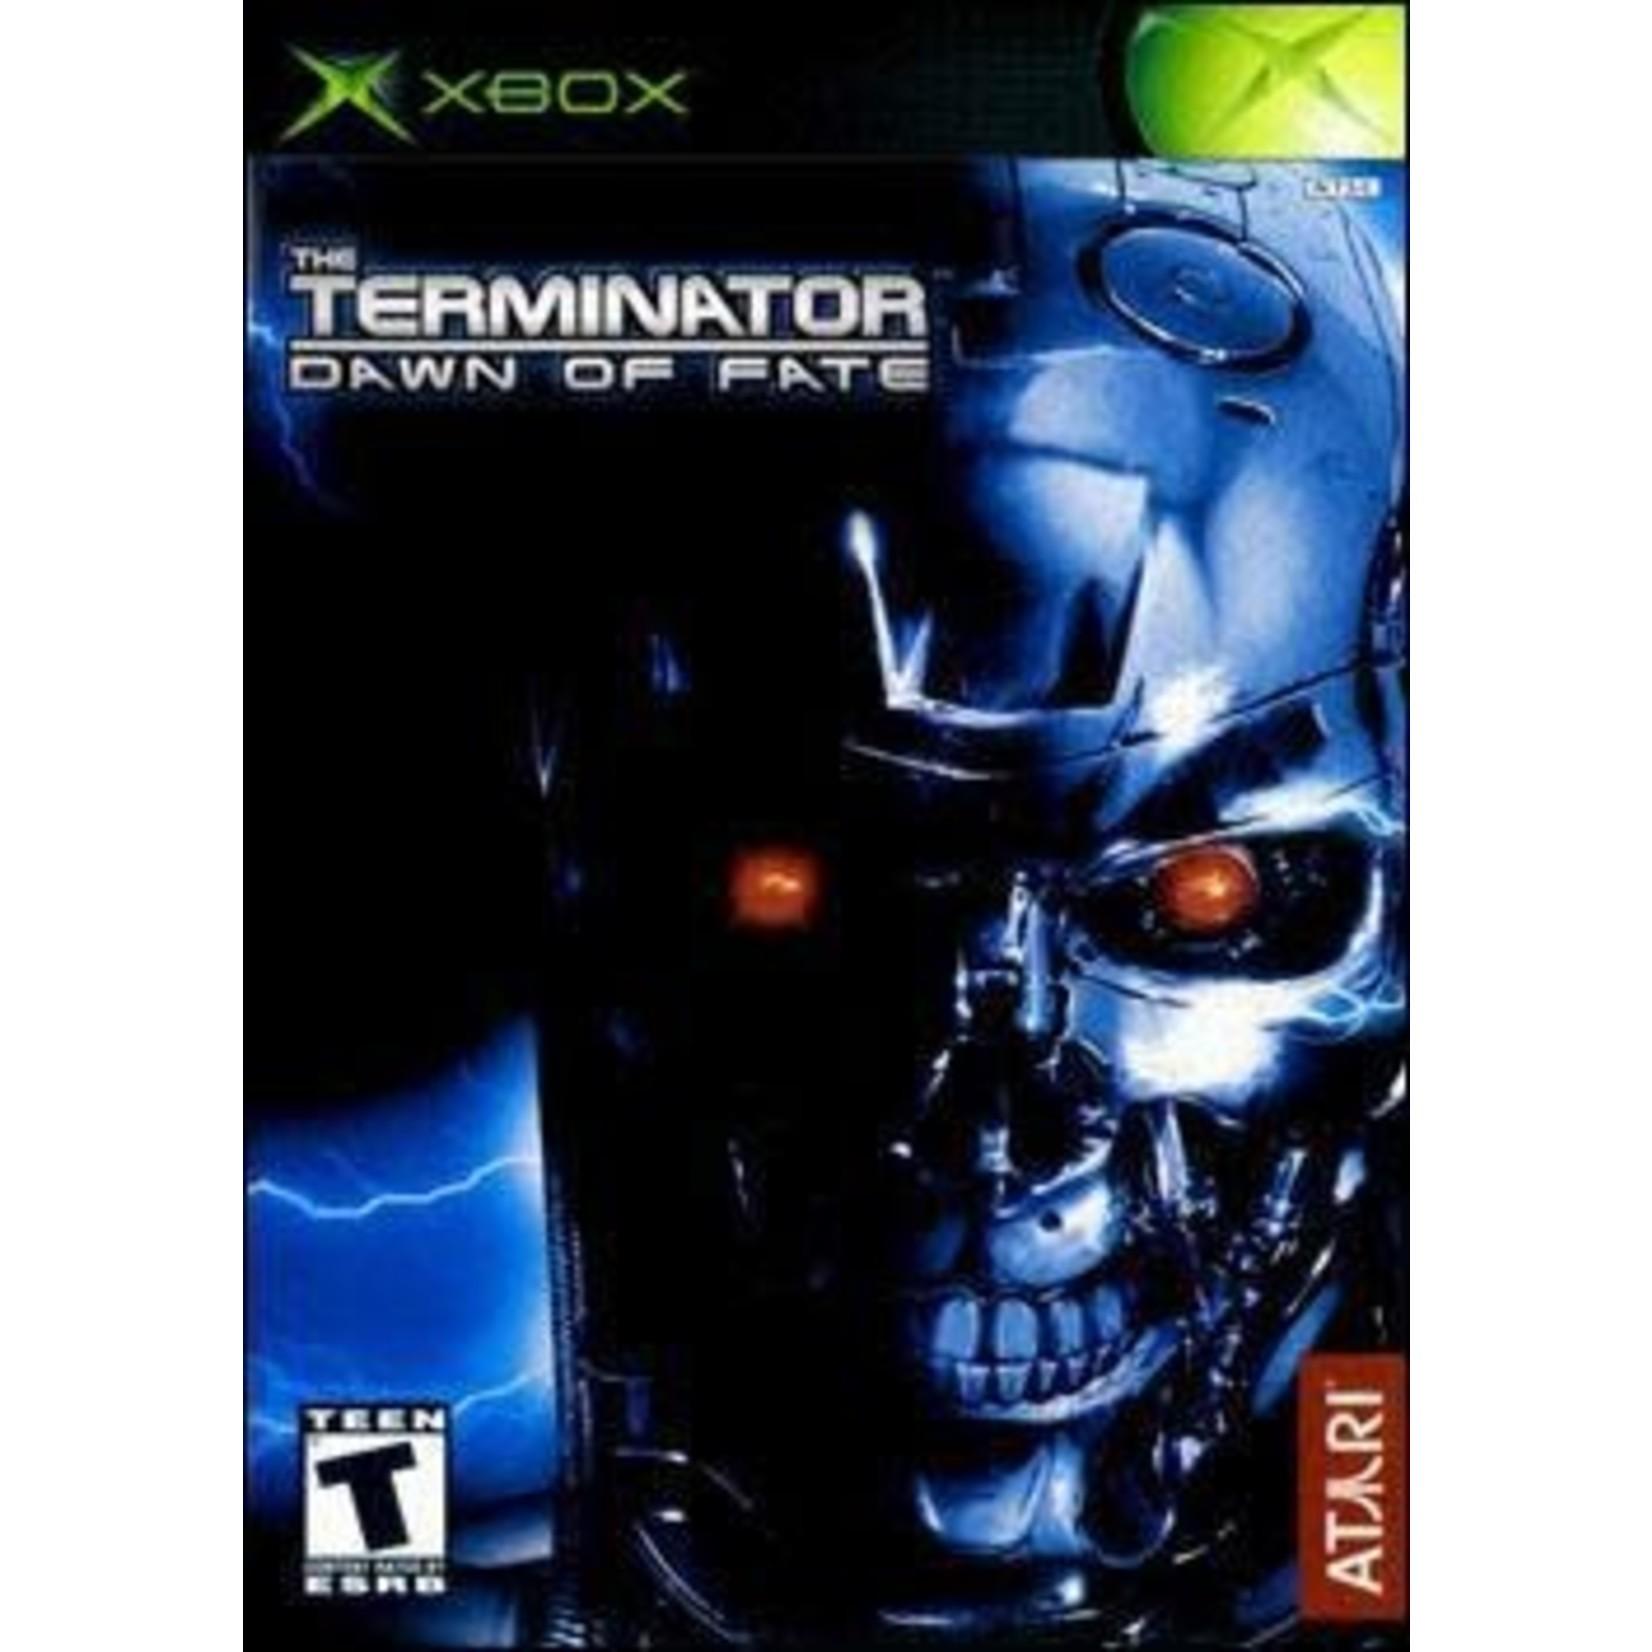 XBU-Terminator Dawn Of Fate